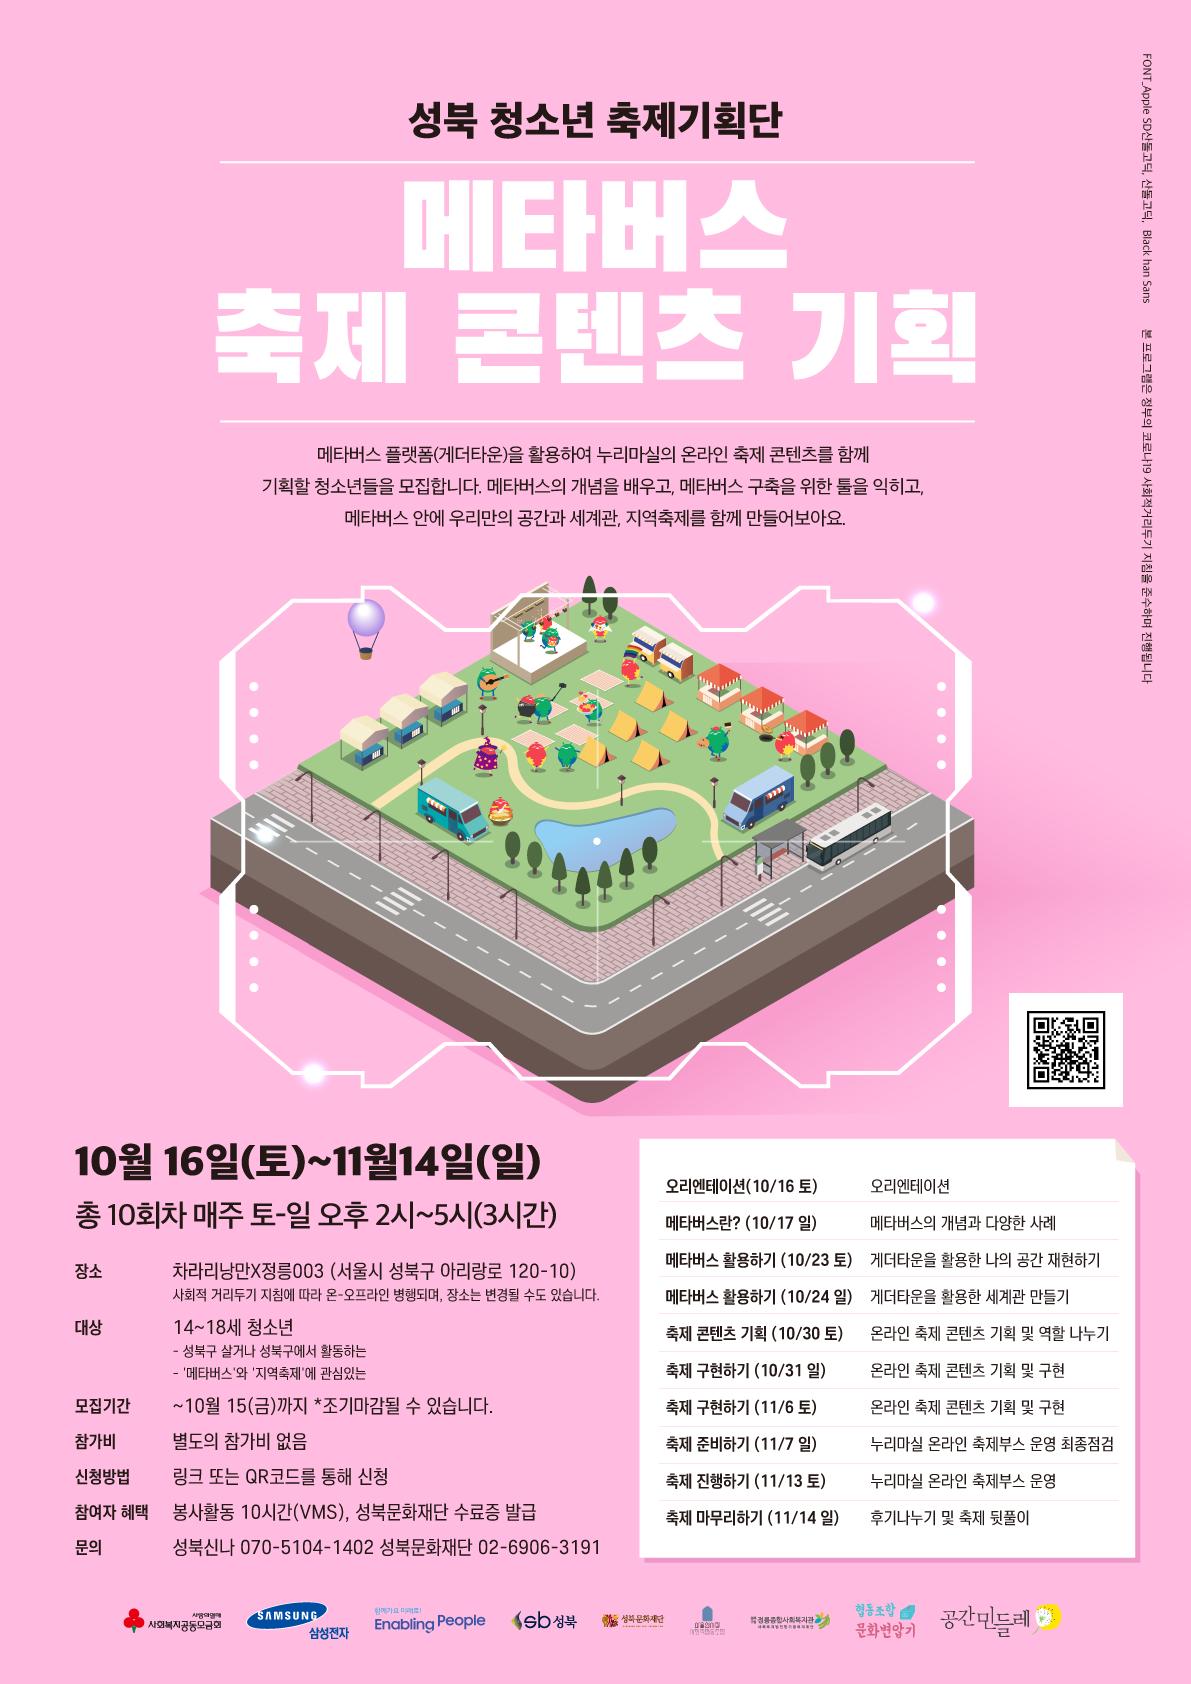 [포스터]메타버스축제콘텐츠_수정4.png